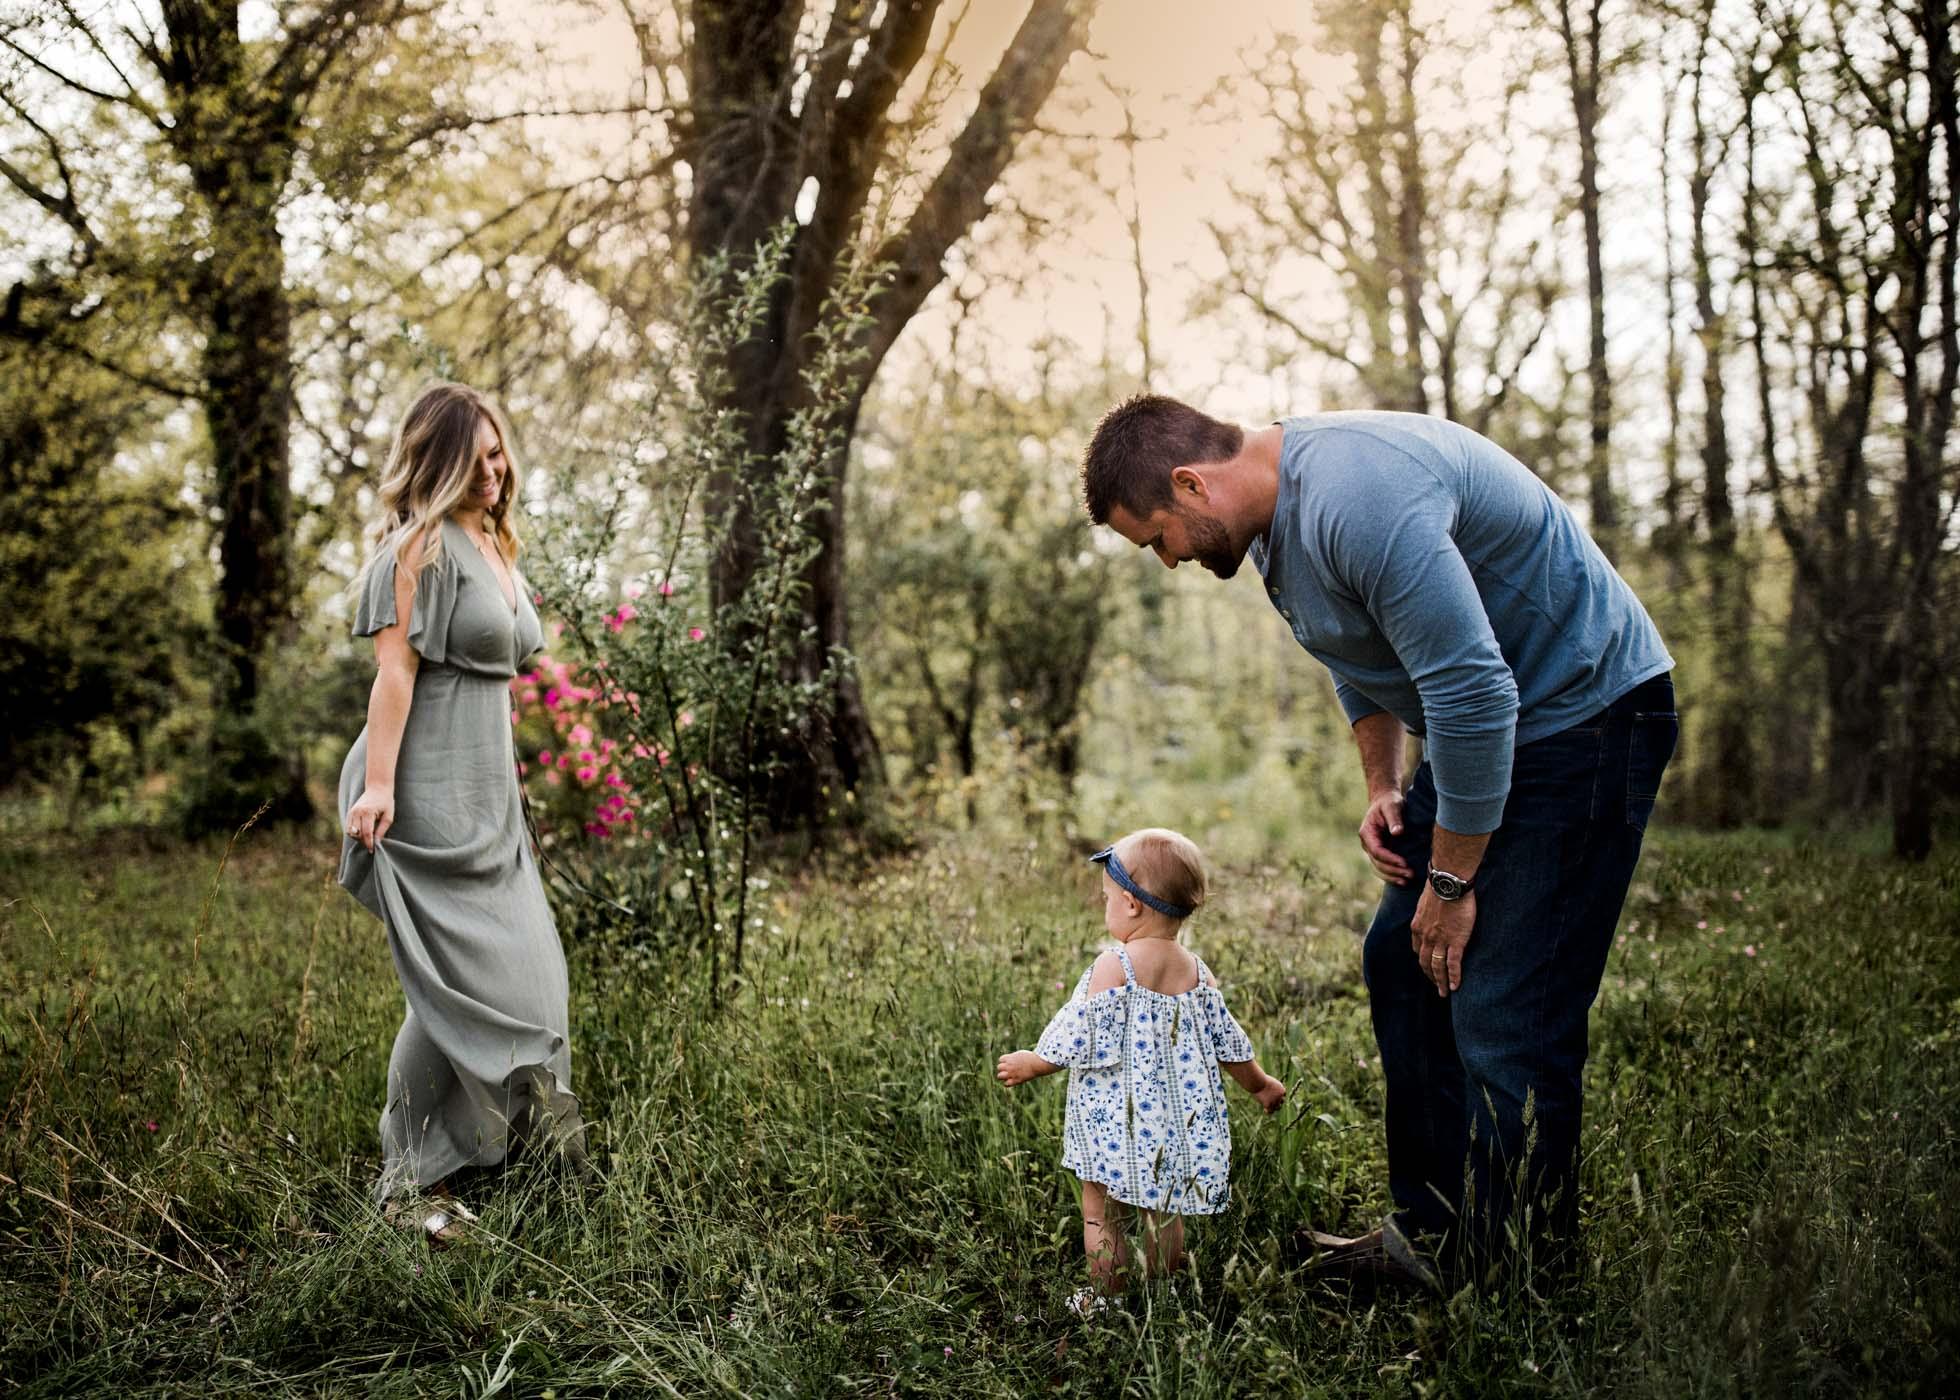 KelseyFarnhamPhotography-www.kelseyfarnham.com-mountainsfieldswoodsfamily-SouthCarolinaGreenville-10